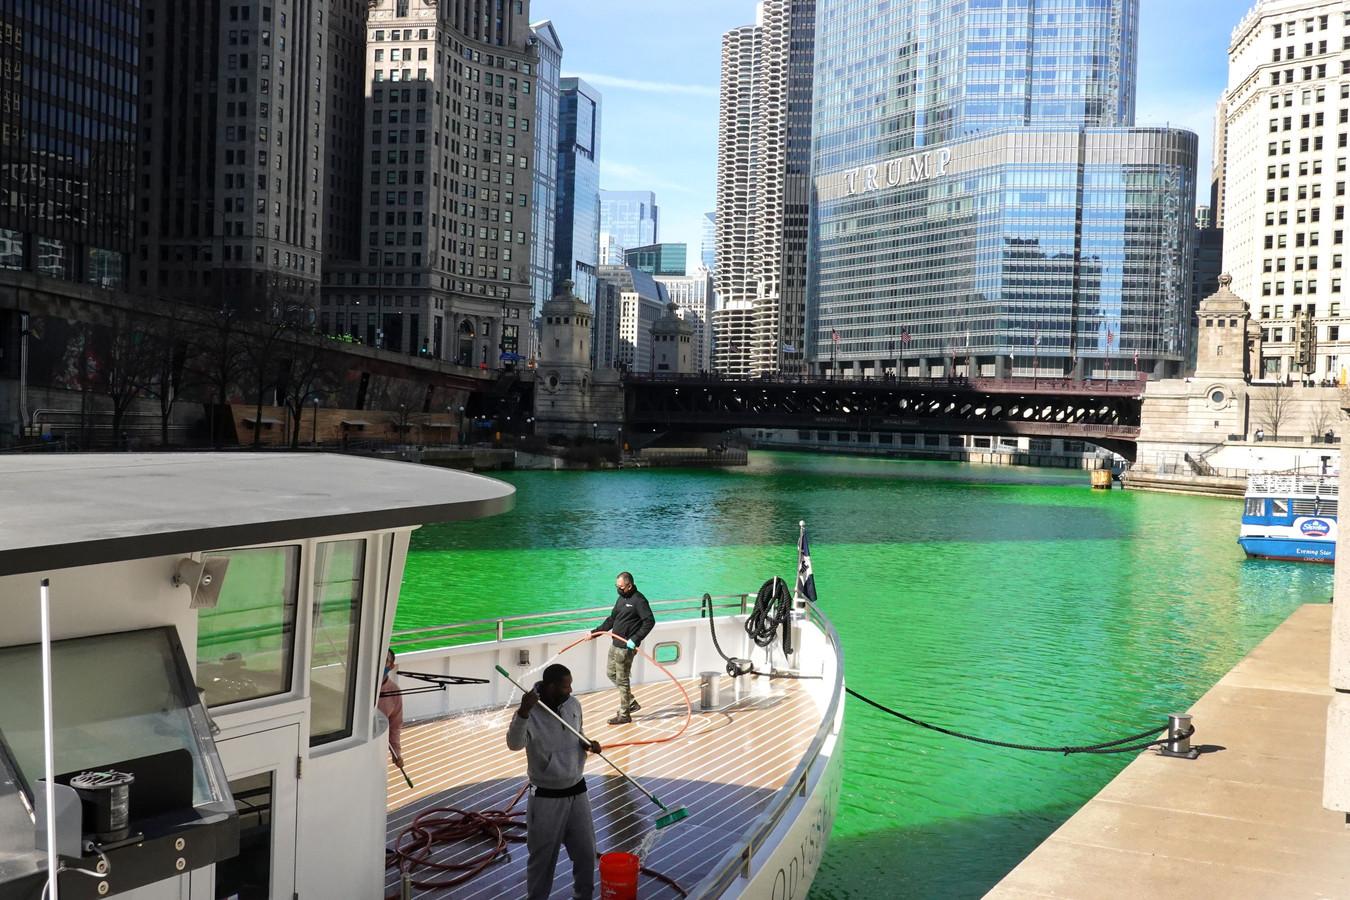 De Amerikaanse stad Chicago gaat 30 miljoen dollar (26 miljoen euro) investeren in de bouw van een esports-arena. Naast een podium en ongeveer duizend zitplaatsen, moet er ook een restaurant in de arena komen.